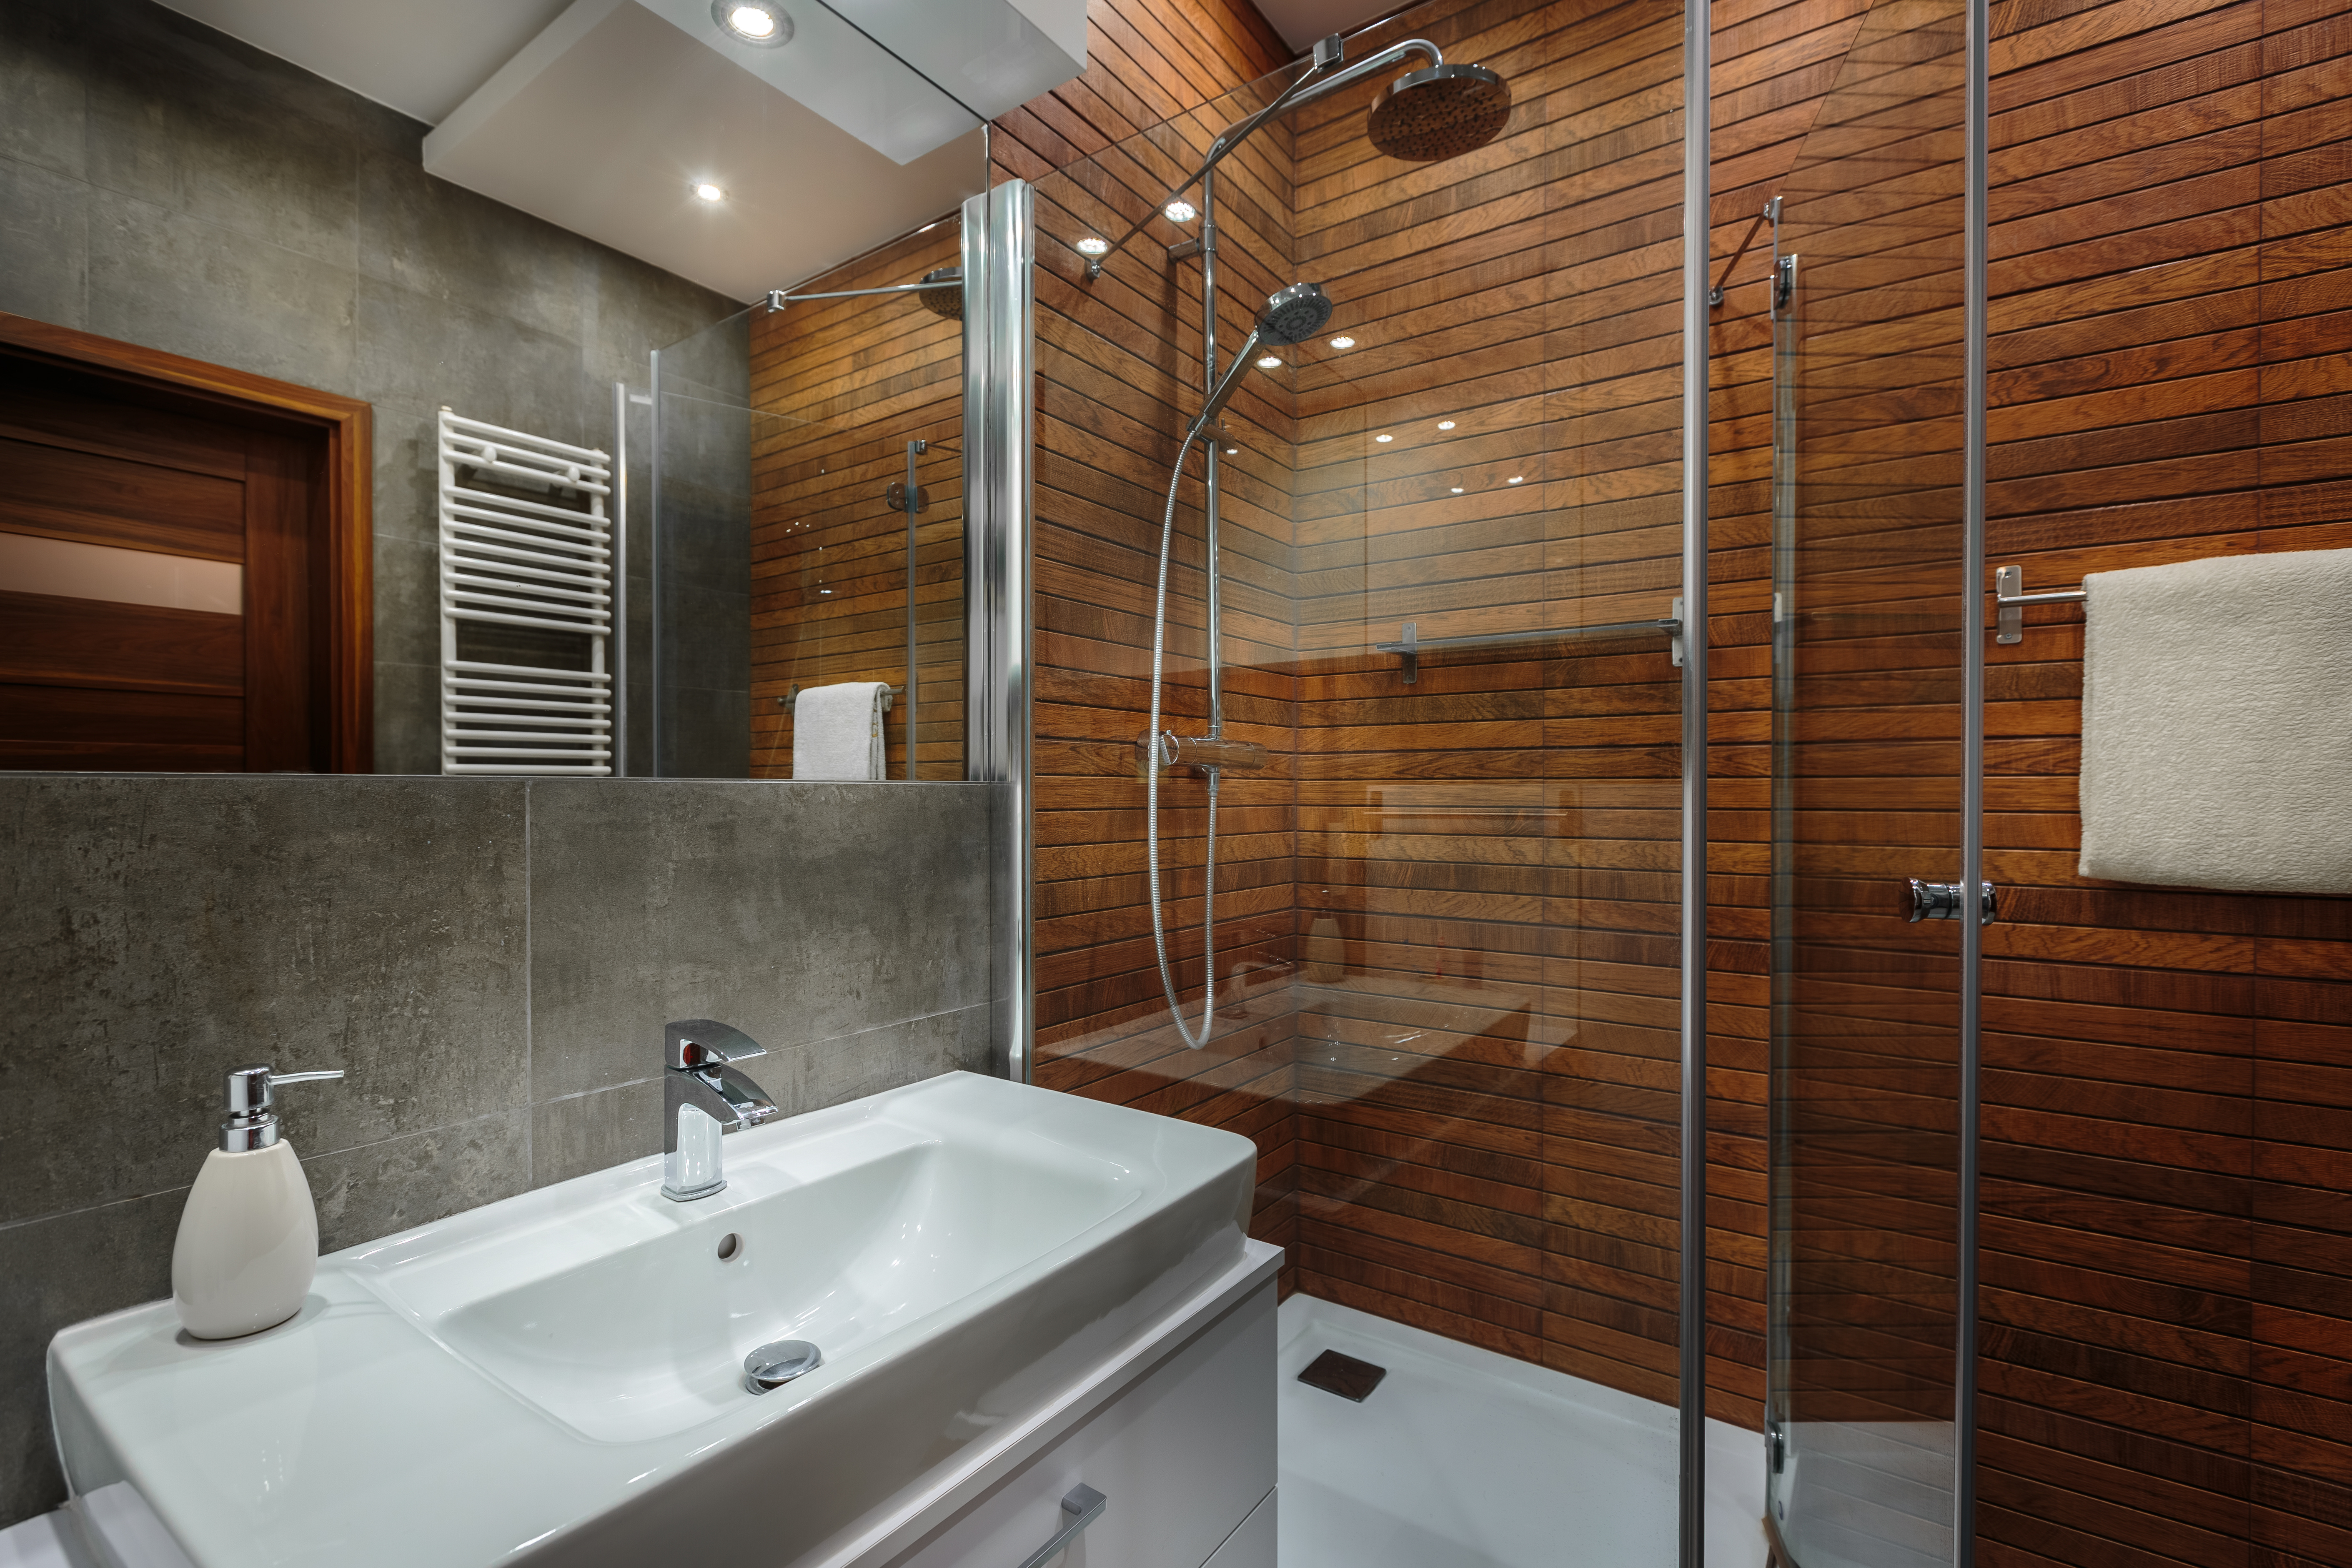 Choisir un revêtement mural pour salle de bain